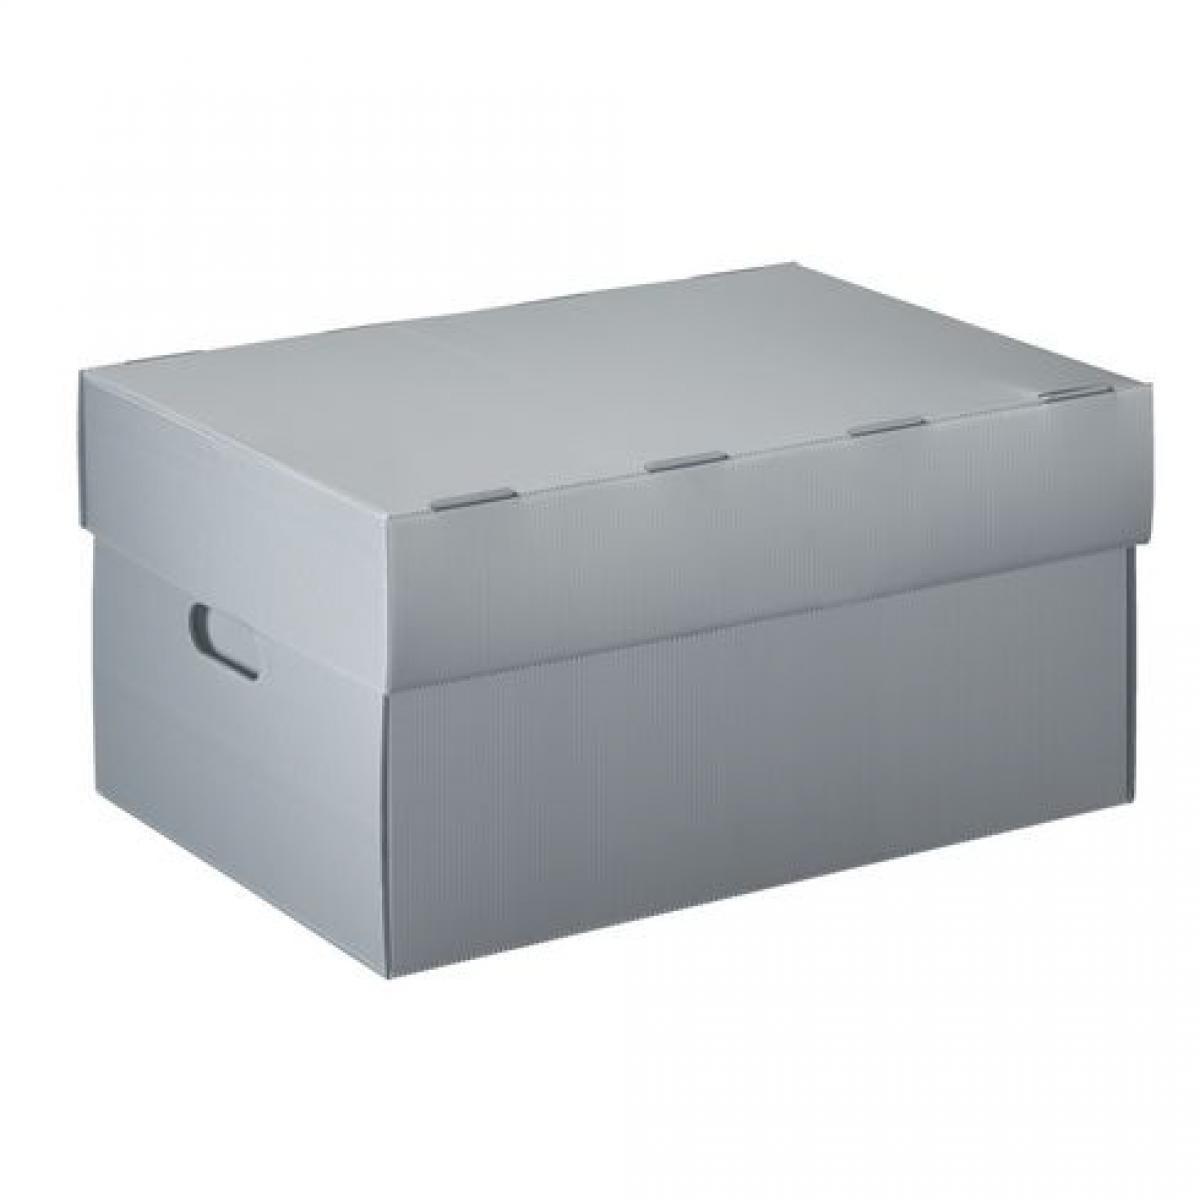 Extendos Caisse à archives plastique Extendos H 26 x L 52 x P 36 cm grise - Lot de 10